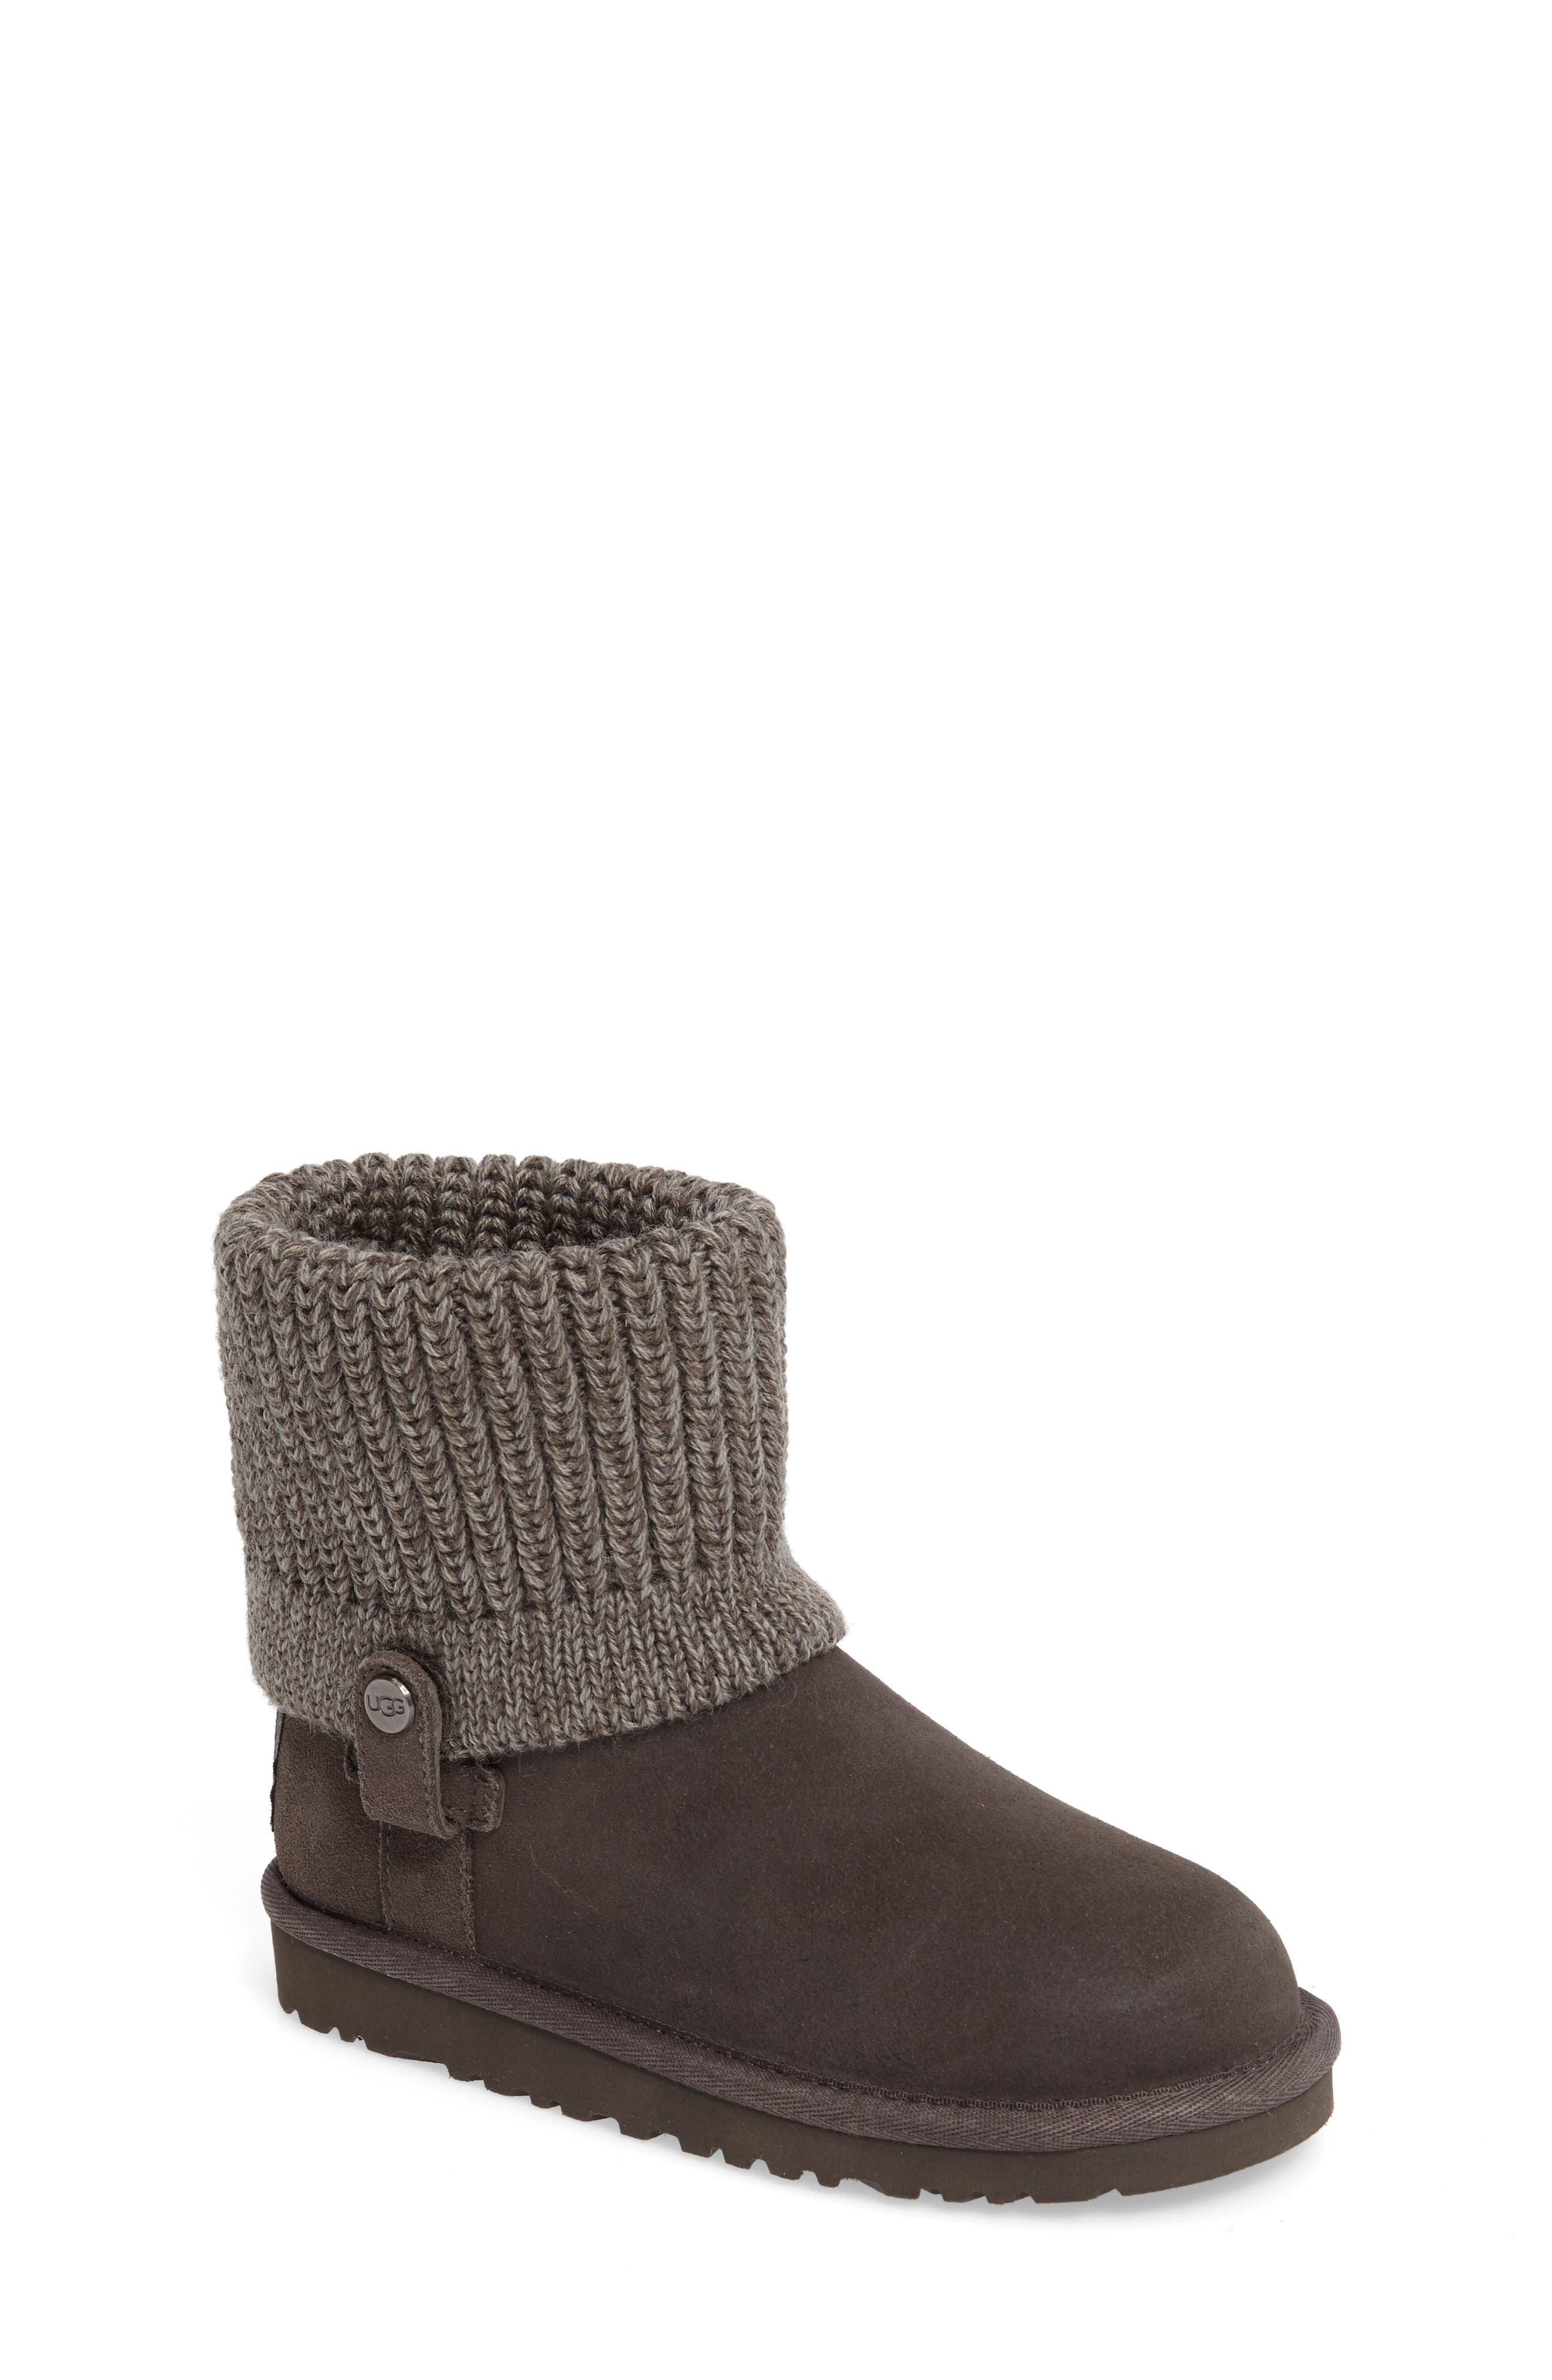 UGG<sup>™</sup> Saela Knit Cuff Boot,                             Main thumbnail 1, color,                             024